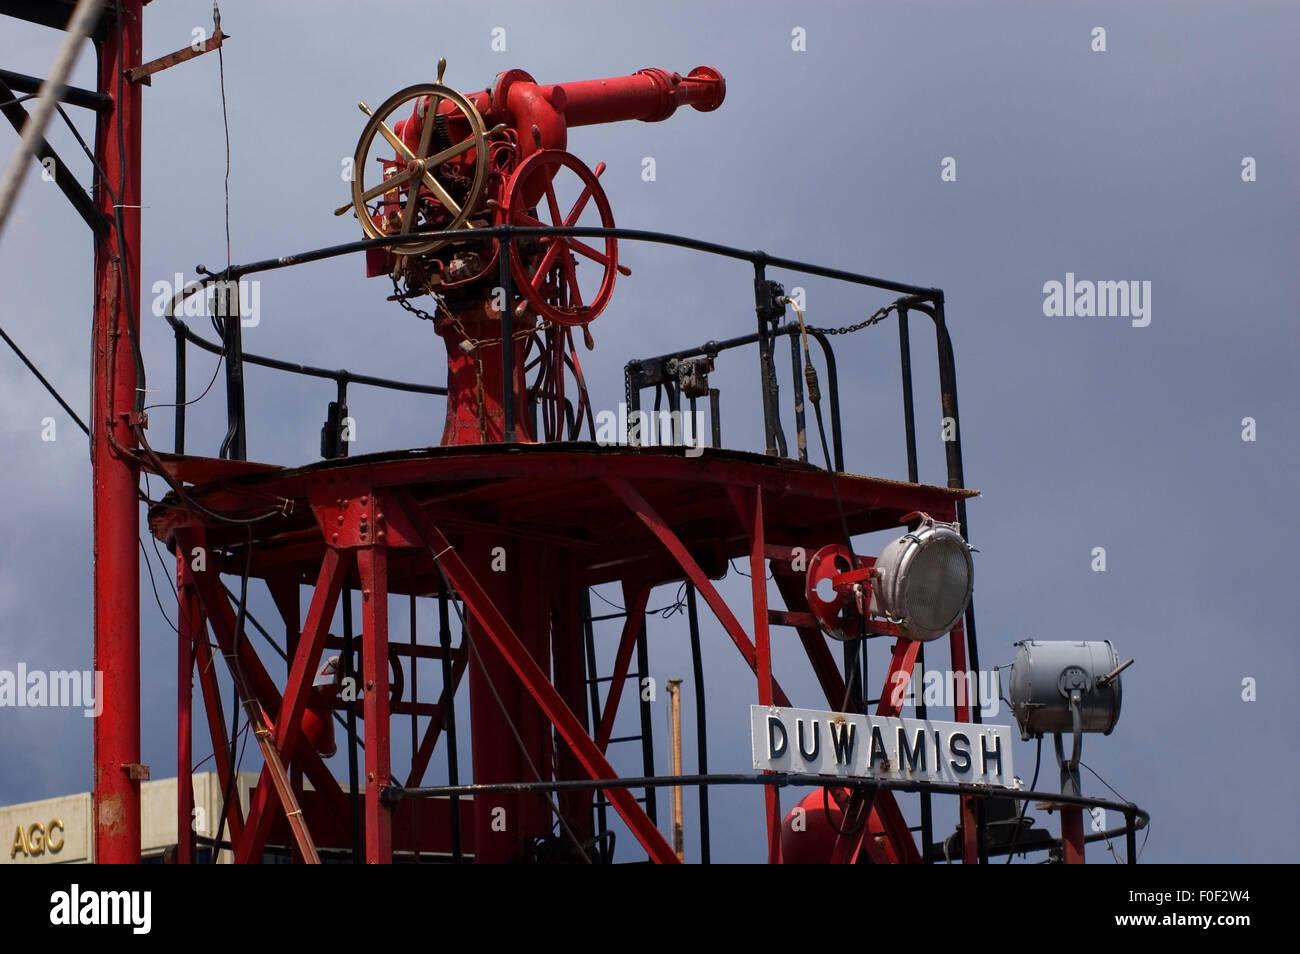 Fireboat Duwamish, Northwest Seaport, Seattle, Washington Stock Photo